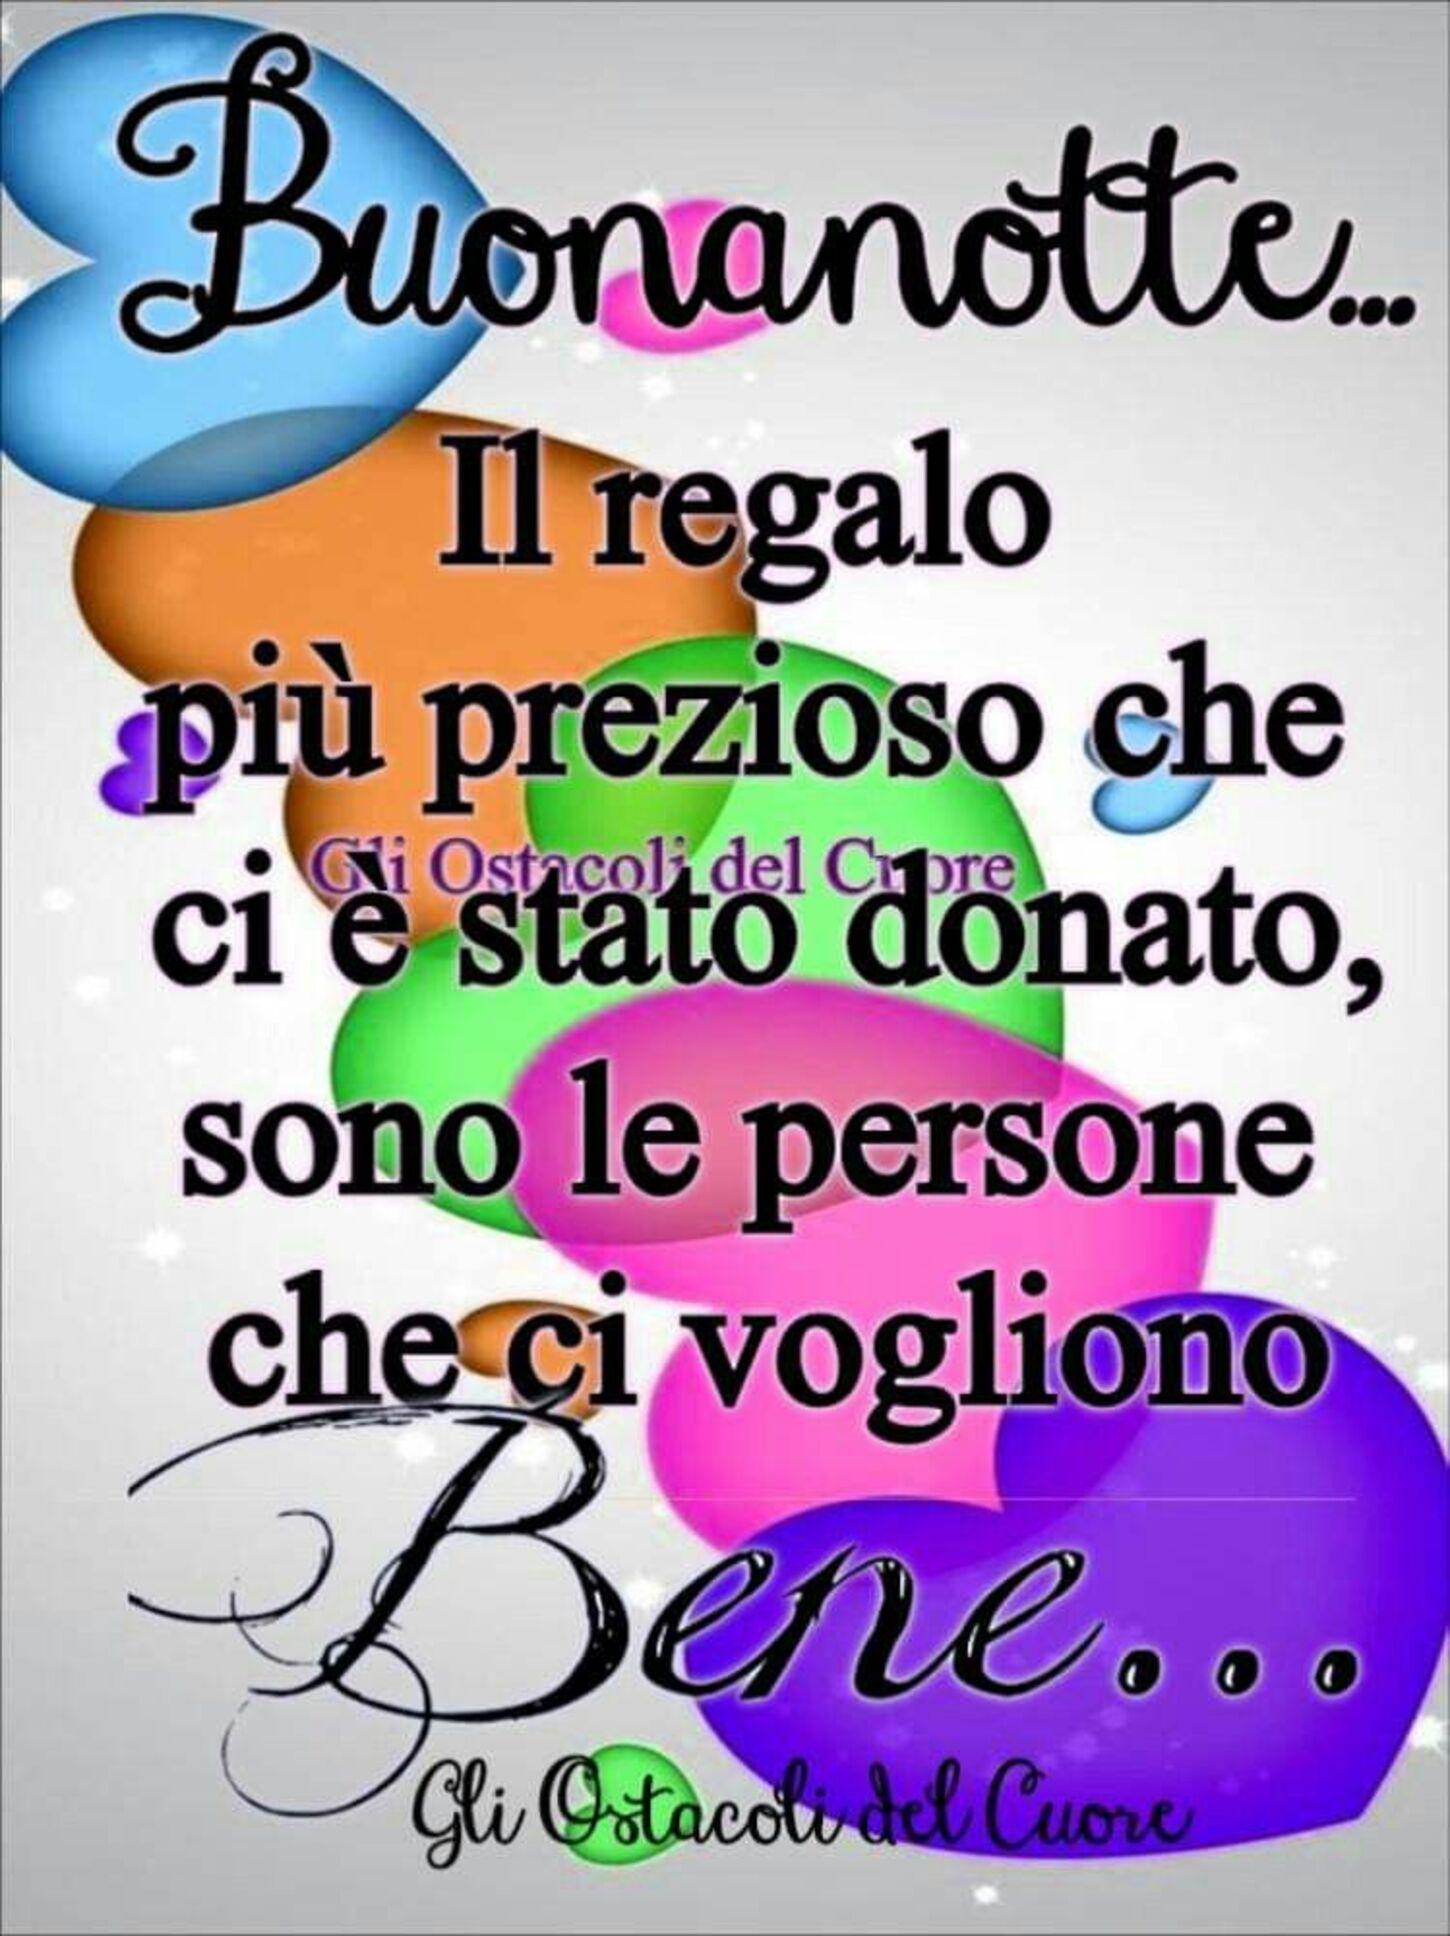 Buonanotte Il regalo più prezioso che ci è stato donato sono le persone che ci vogliono bene...